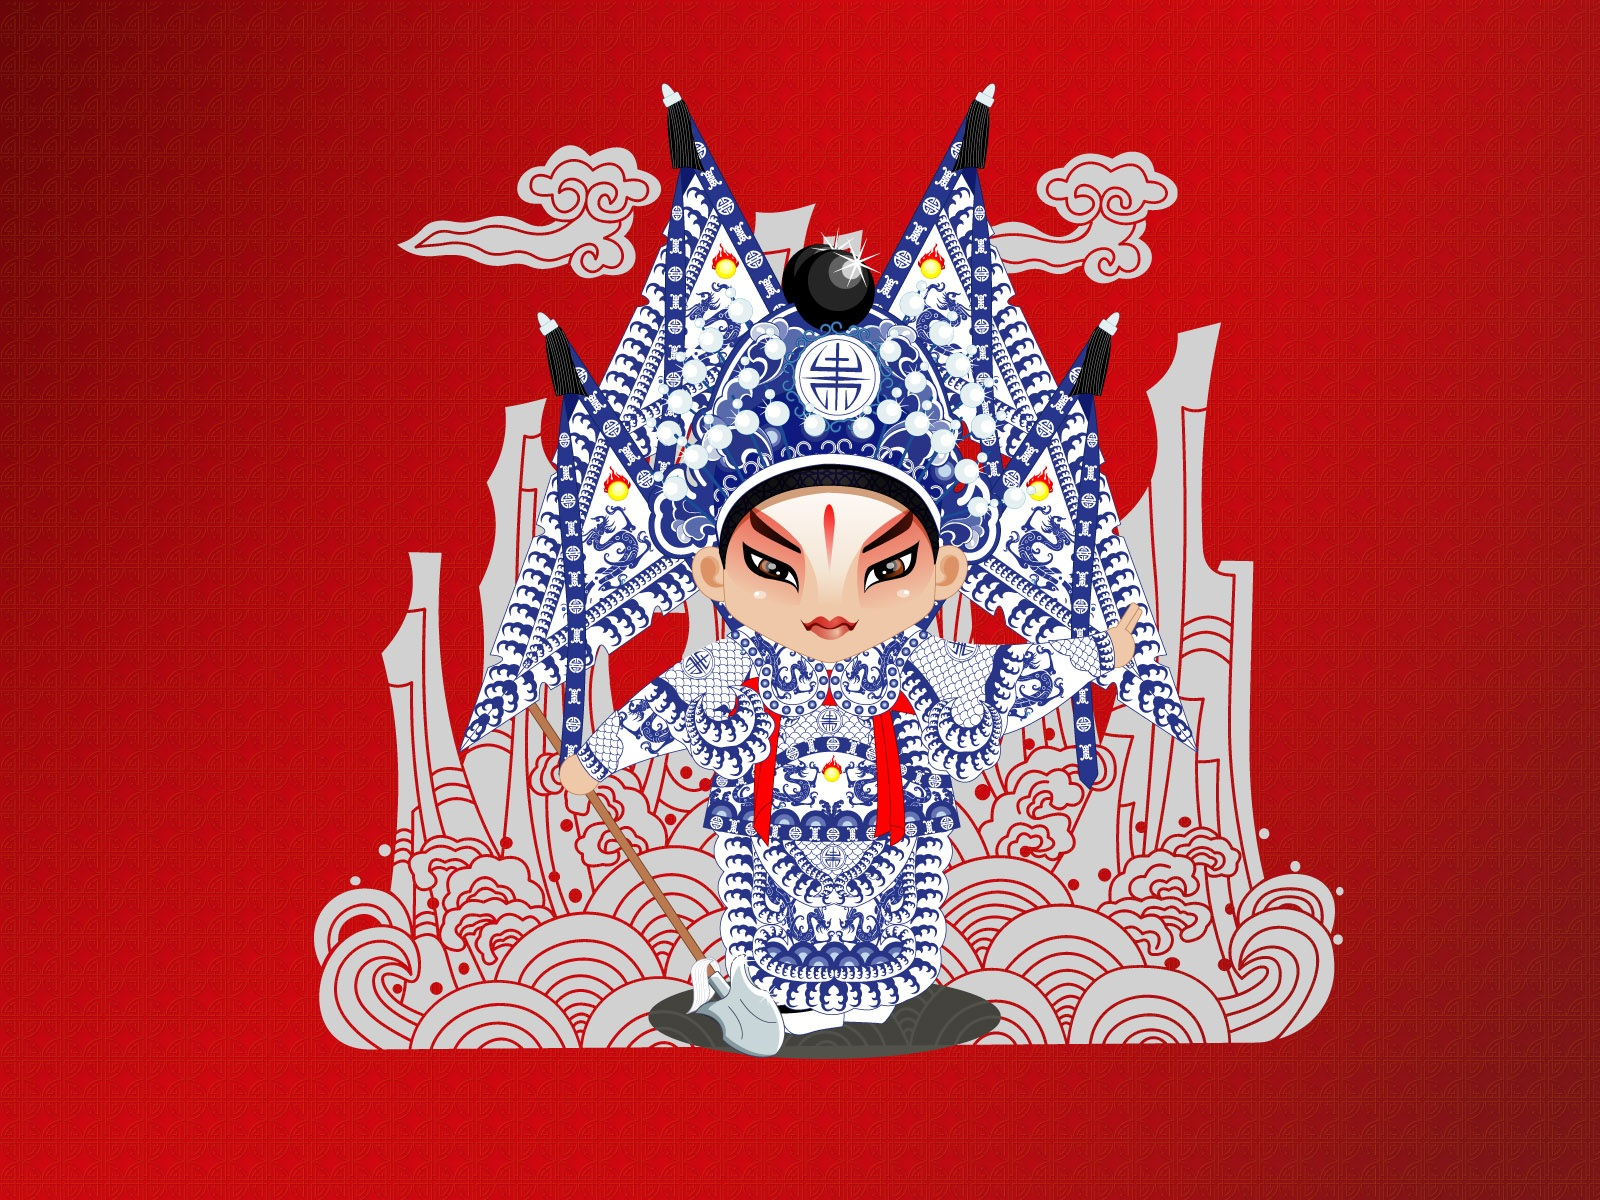 http://4.bp.blogspot.com/-tHhTzNoOtcQ/T5JhB3xpeMI/AAAAAAAAAK0/DWA50JCSn2U/s1600/Beijing+Opera4.jpg